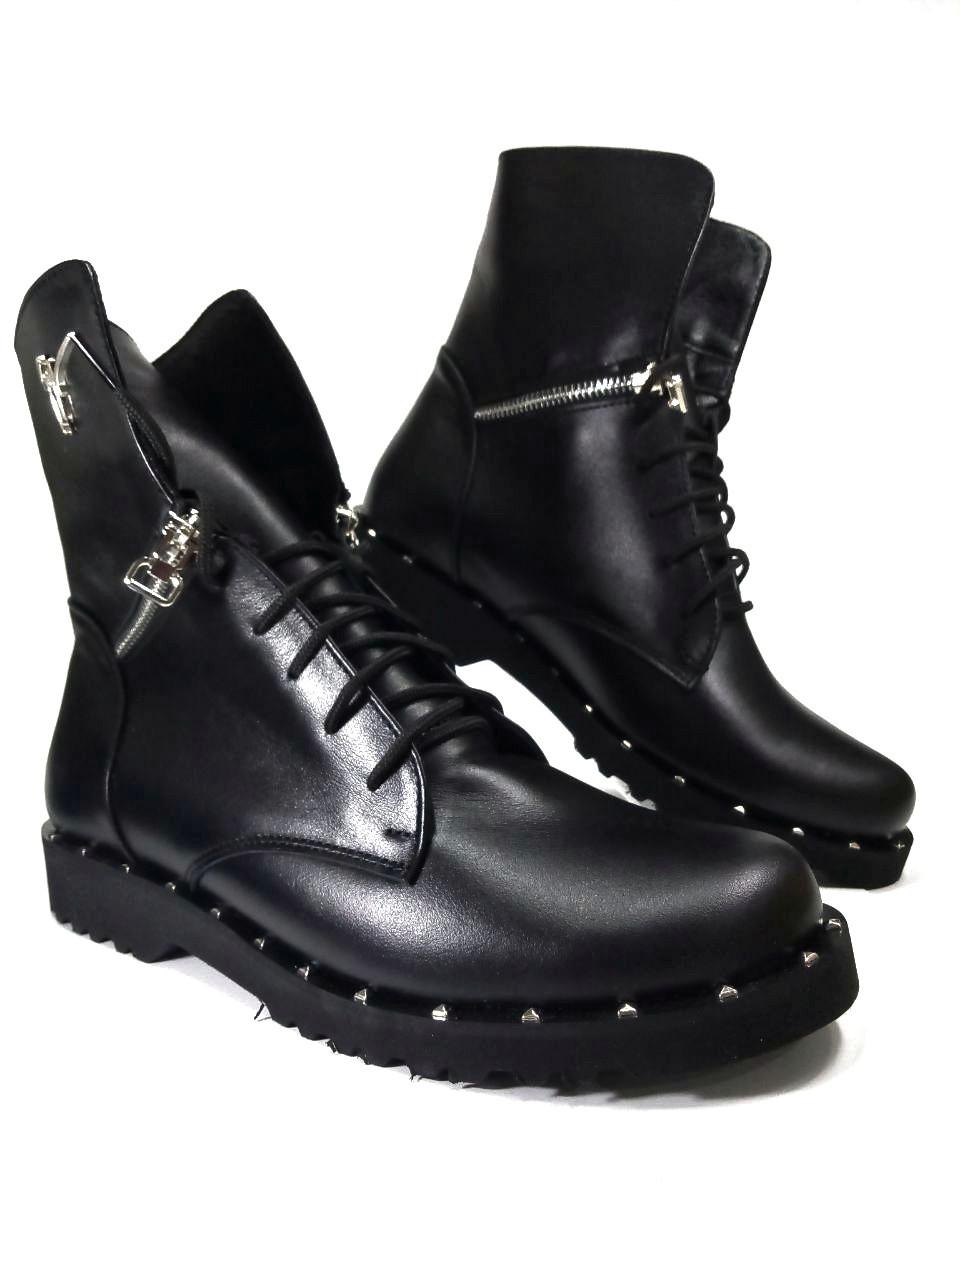 Демисезонные  ботинки из натуральной кожи  LEXI3017